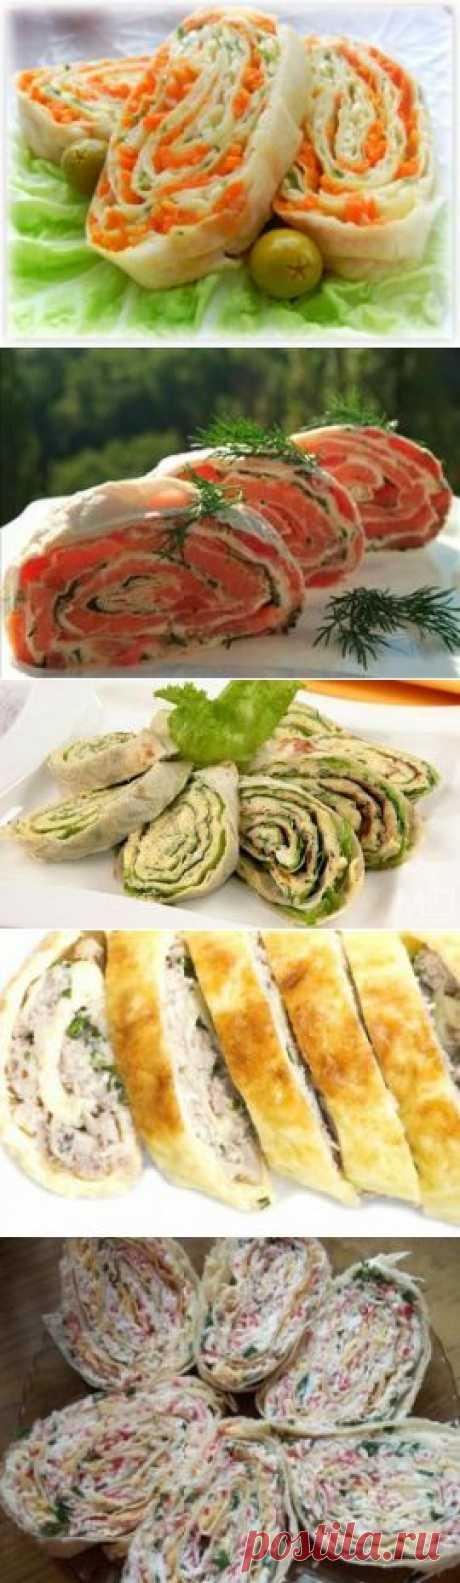 Рулетики из лаваша с начинкой: рецепты блюд для праздничного и повседневного стола